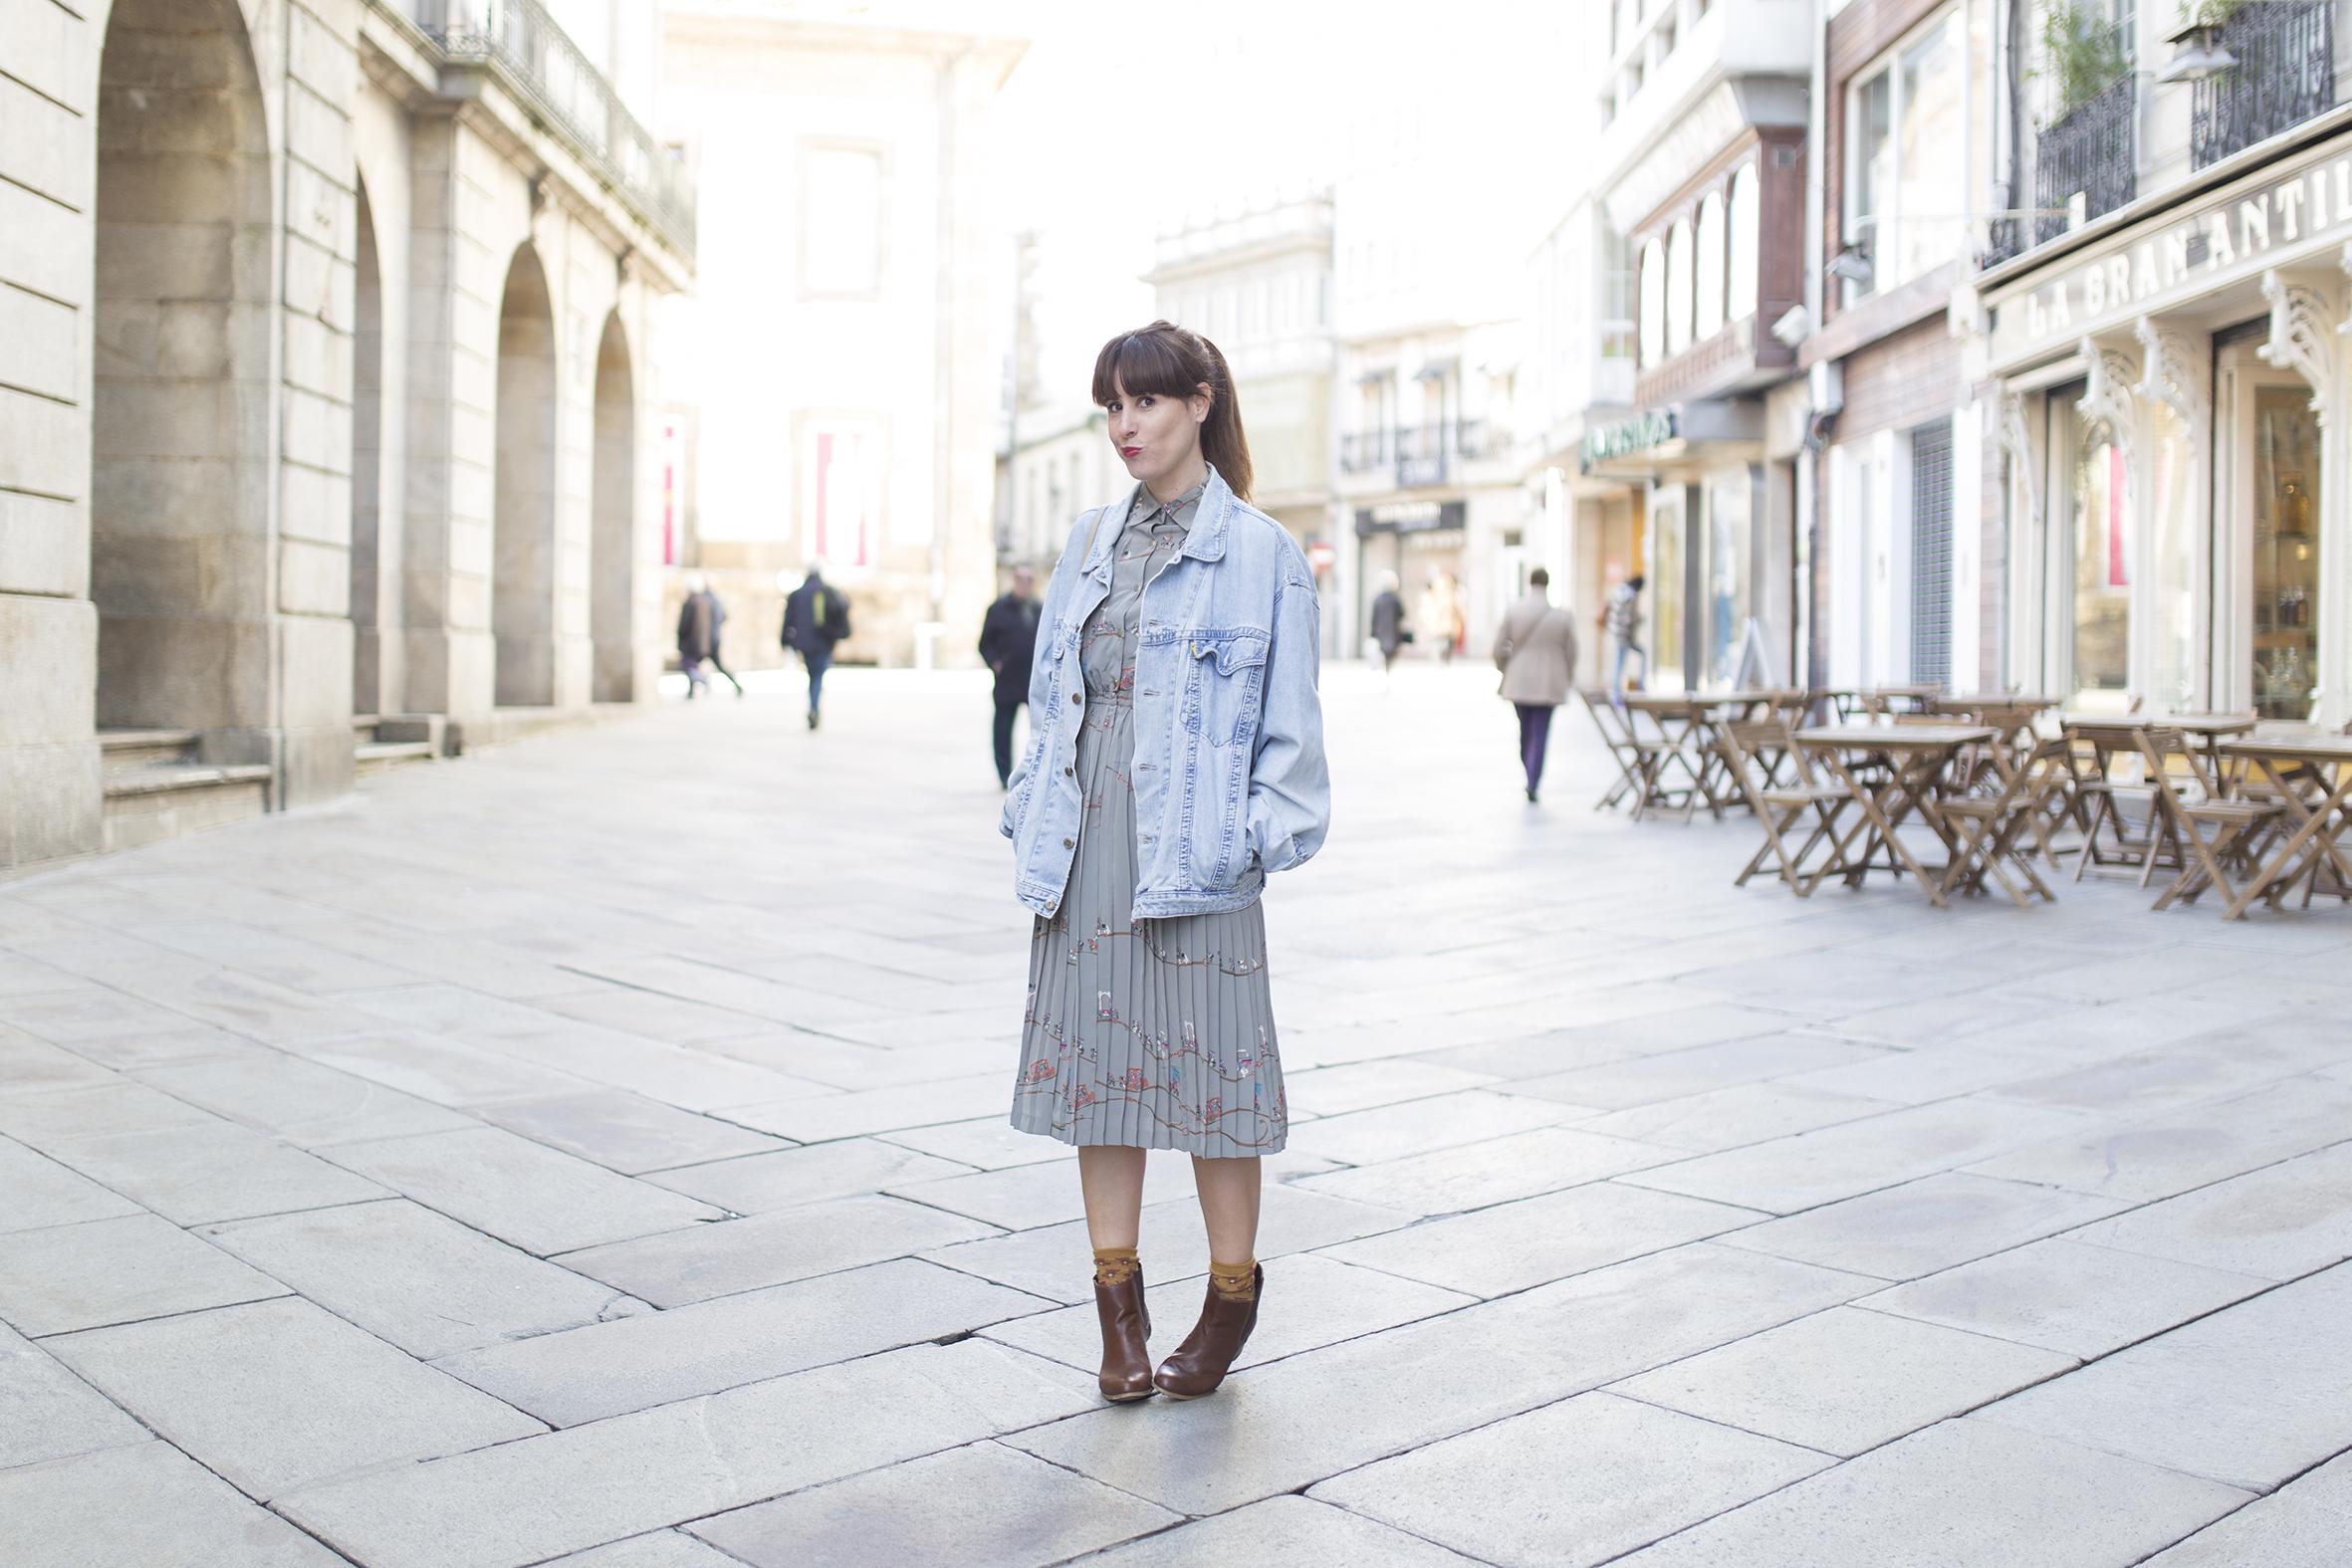 moda-calle- denim jacket- streetstyle - coruña - descalzaporelparque -blogger